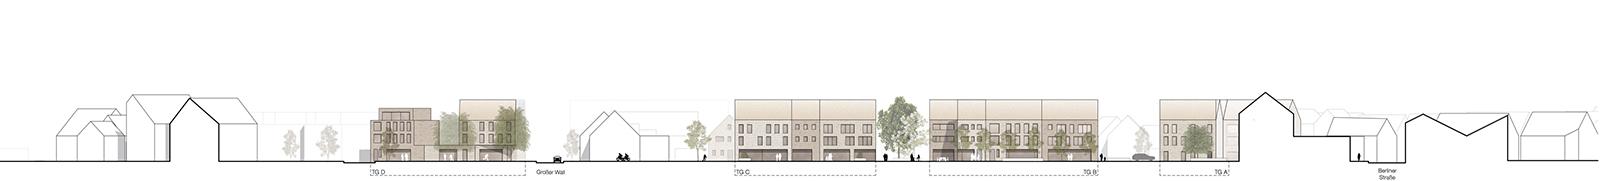 WBW_Quartier_Bleichstrasse_SteinwegClausArchitekten_Staedtebau_Rheda-Wiedenbrueck_Nachverdichtung_00016